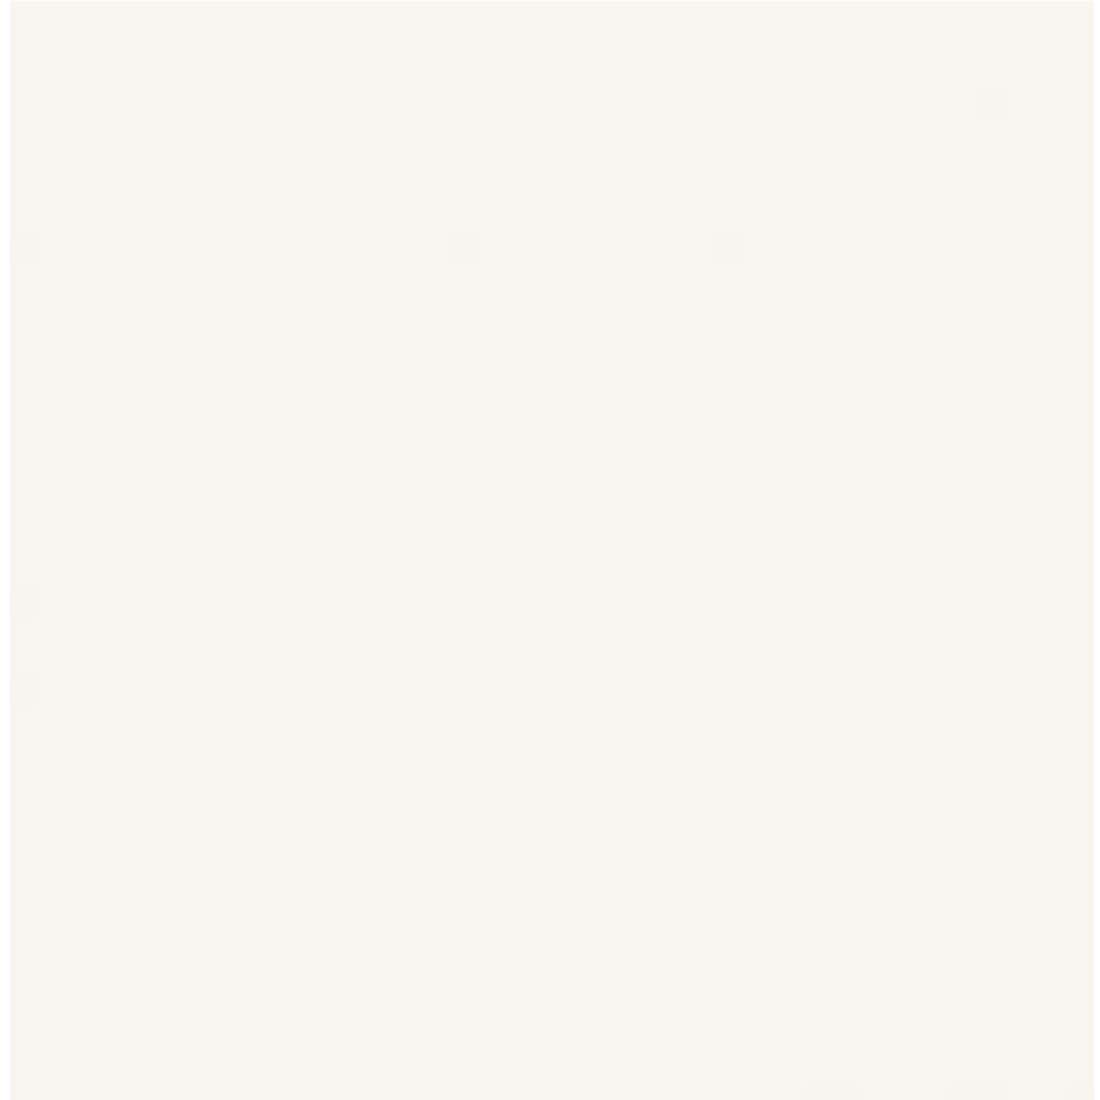 Pastilha Tecnogres 10 x 10 Branco Brilhante Ref BR10010